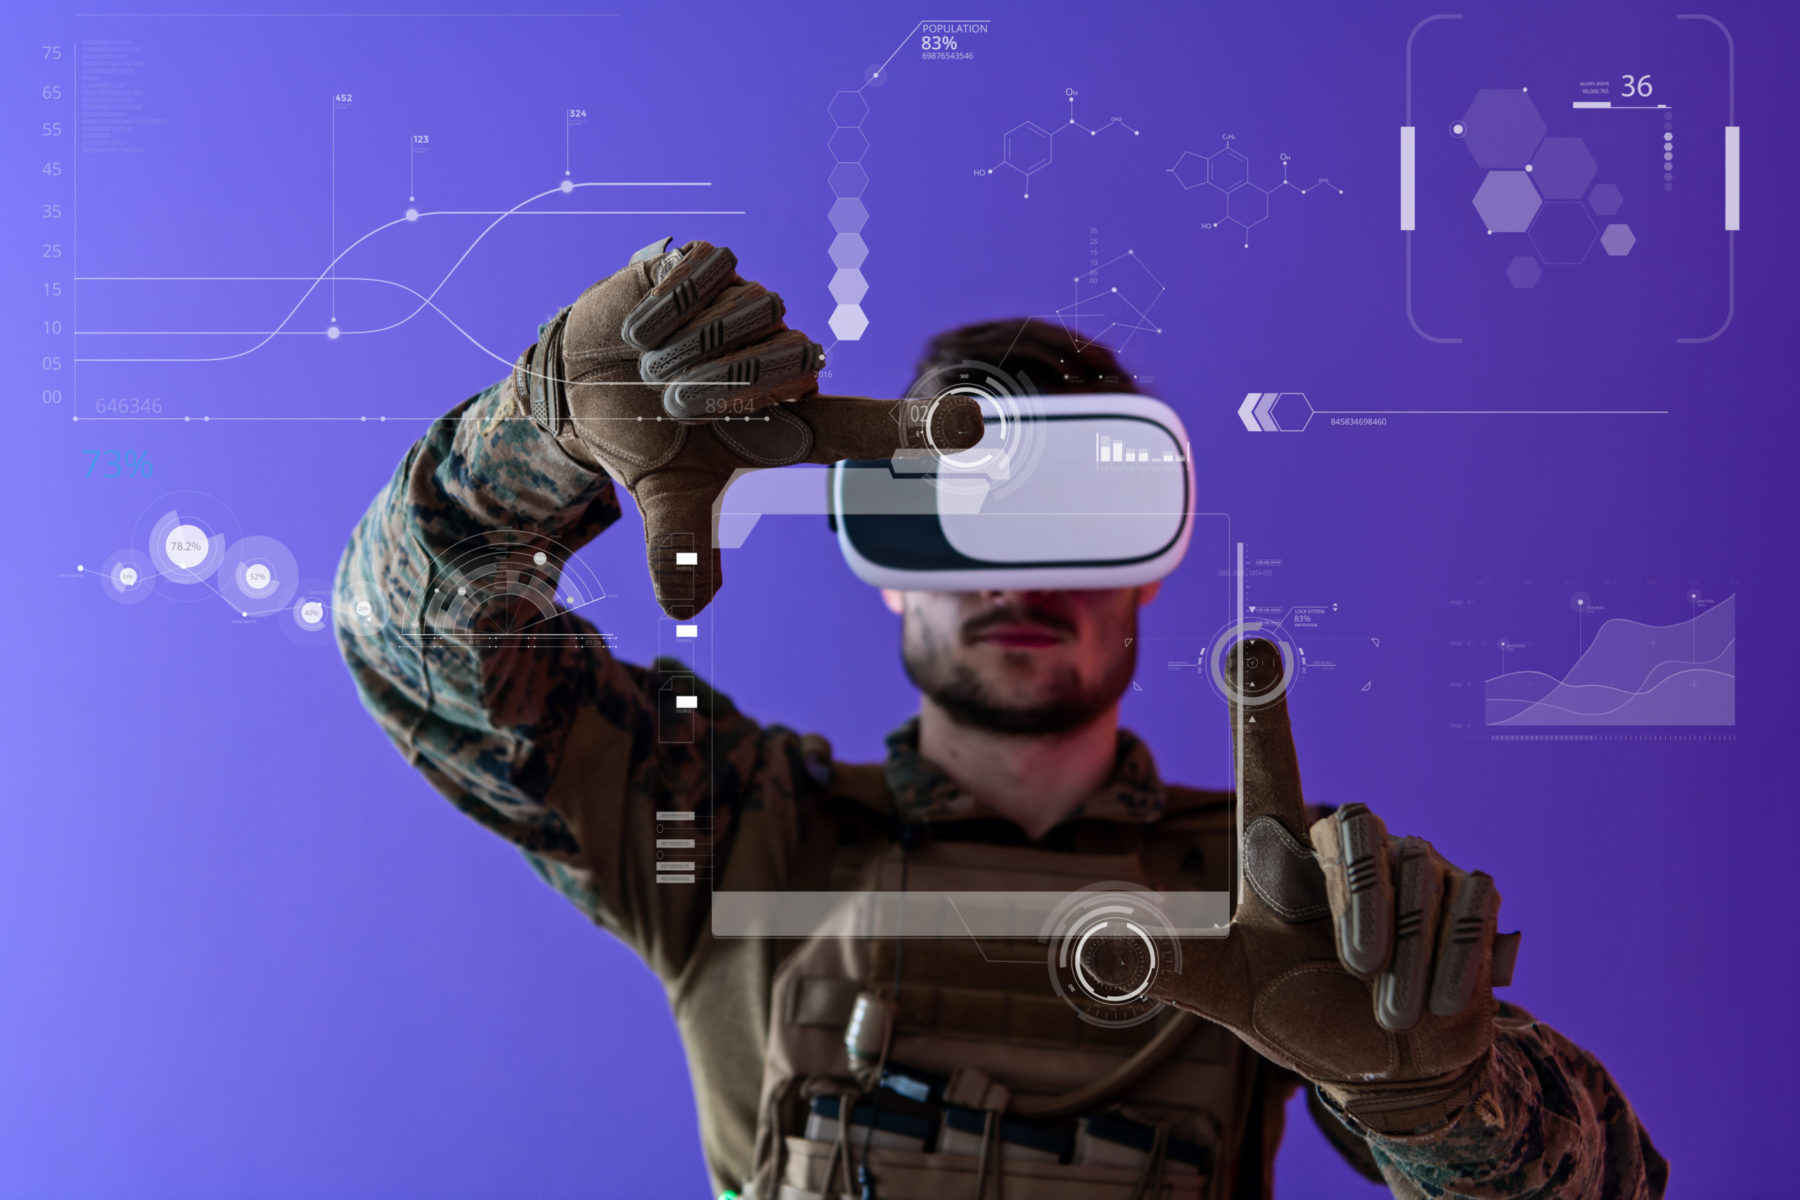 Soldat utilisant de nouvelles technologies